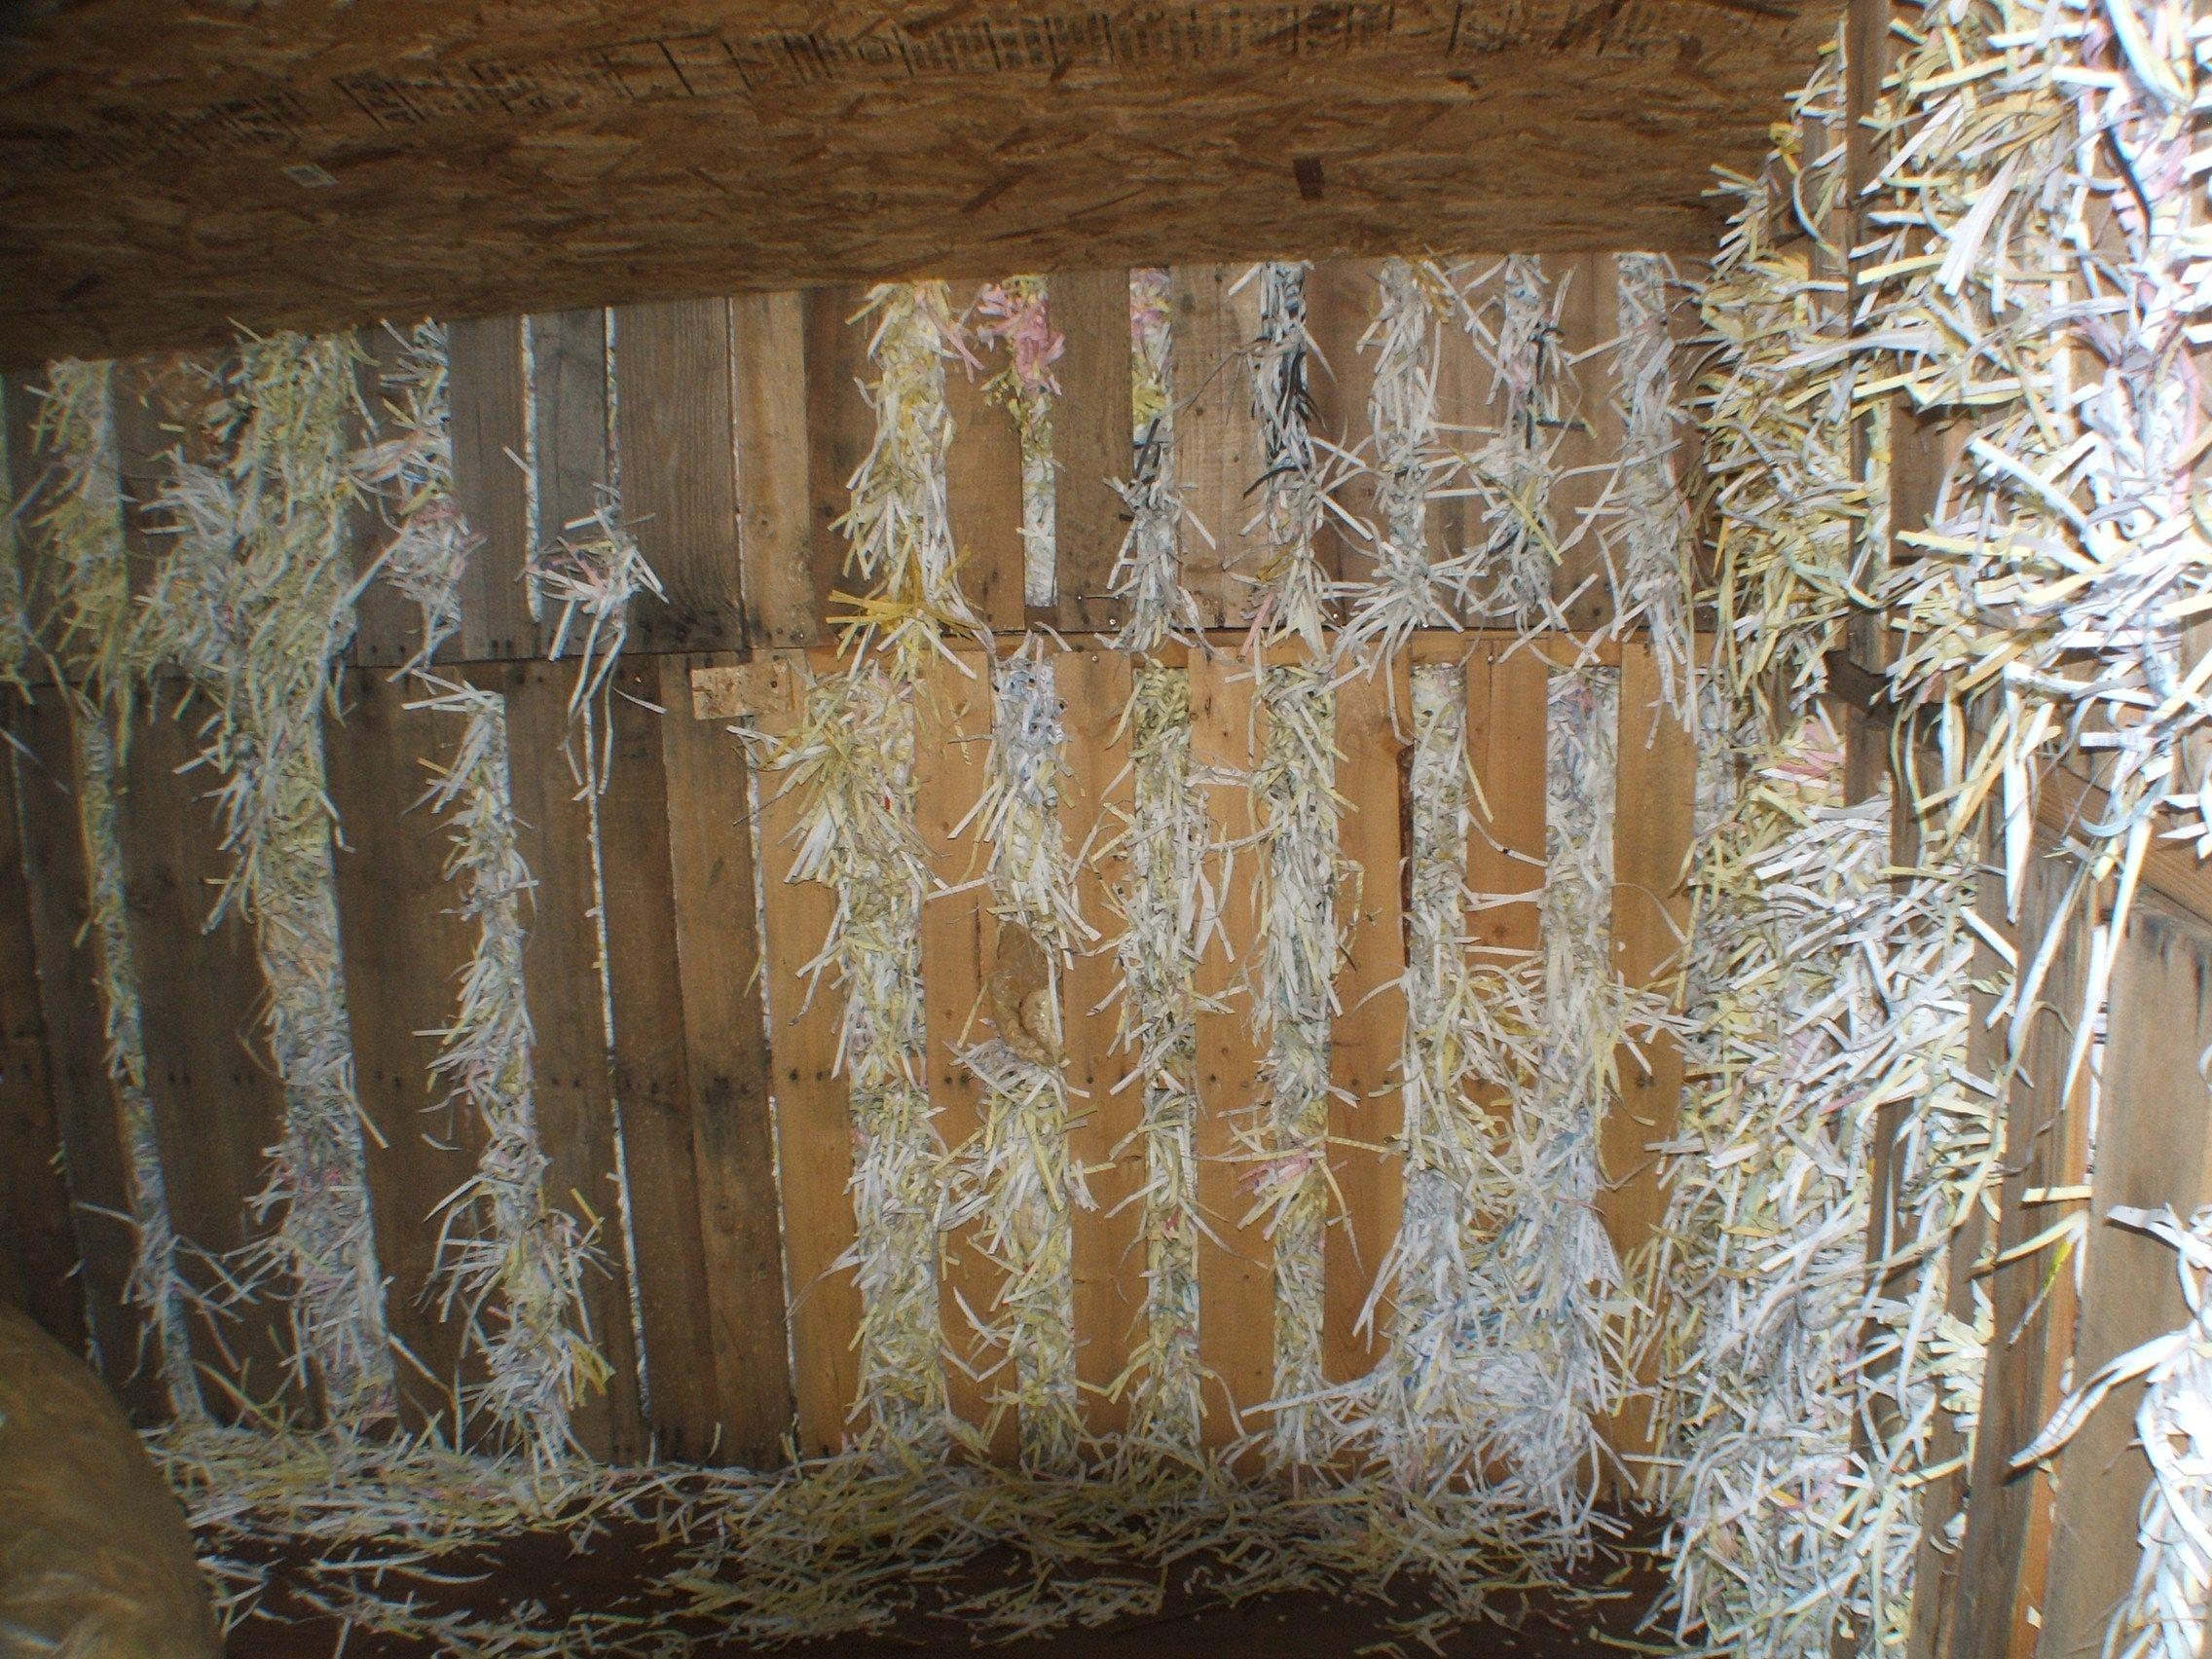 shredded paper insulation